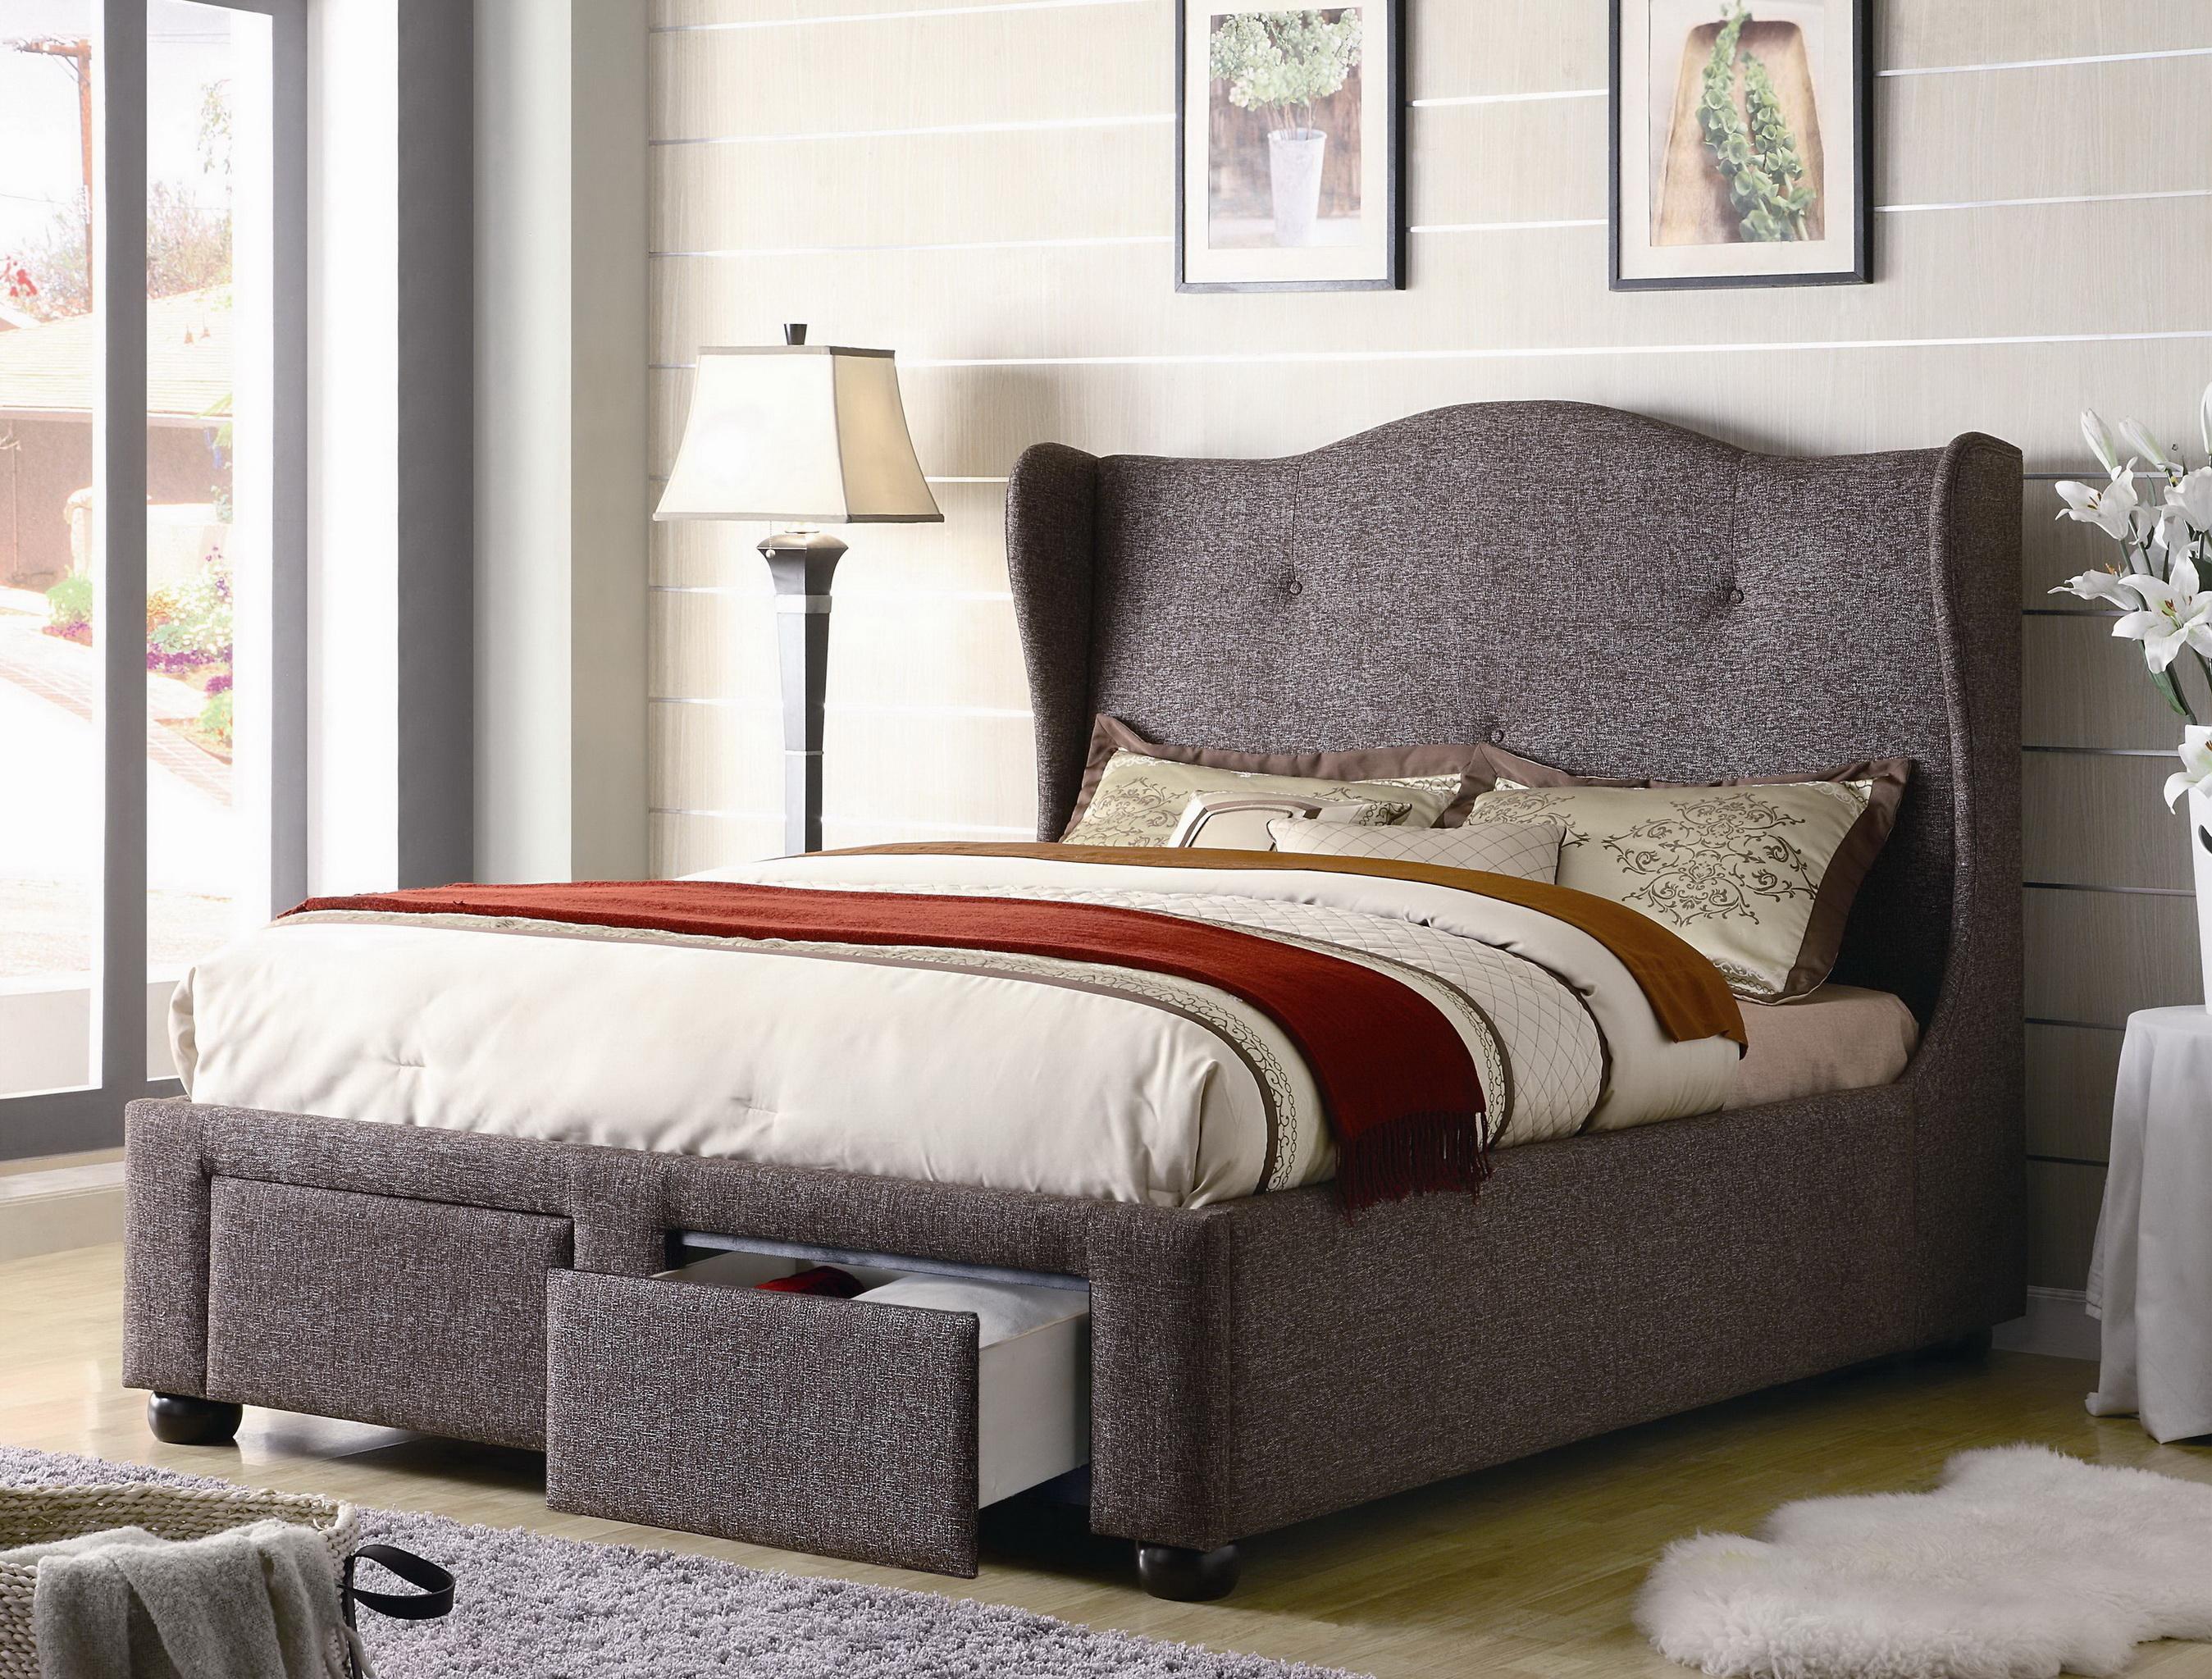 Cleo Queen Brown Tweed Wing Bed Gift Ideas